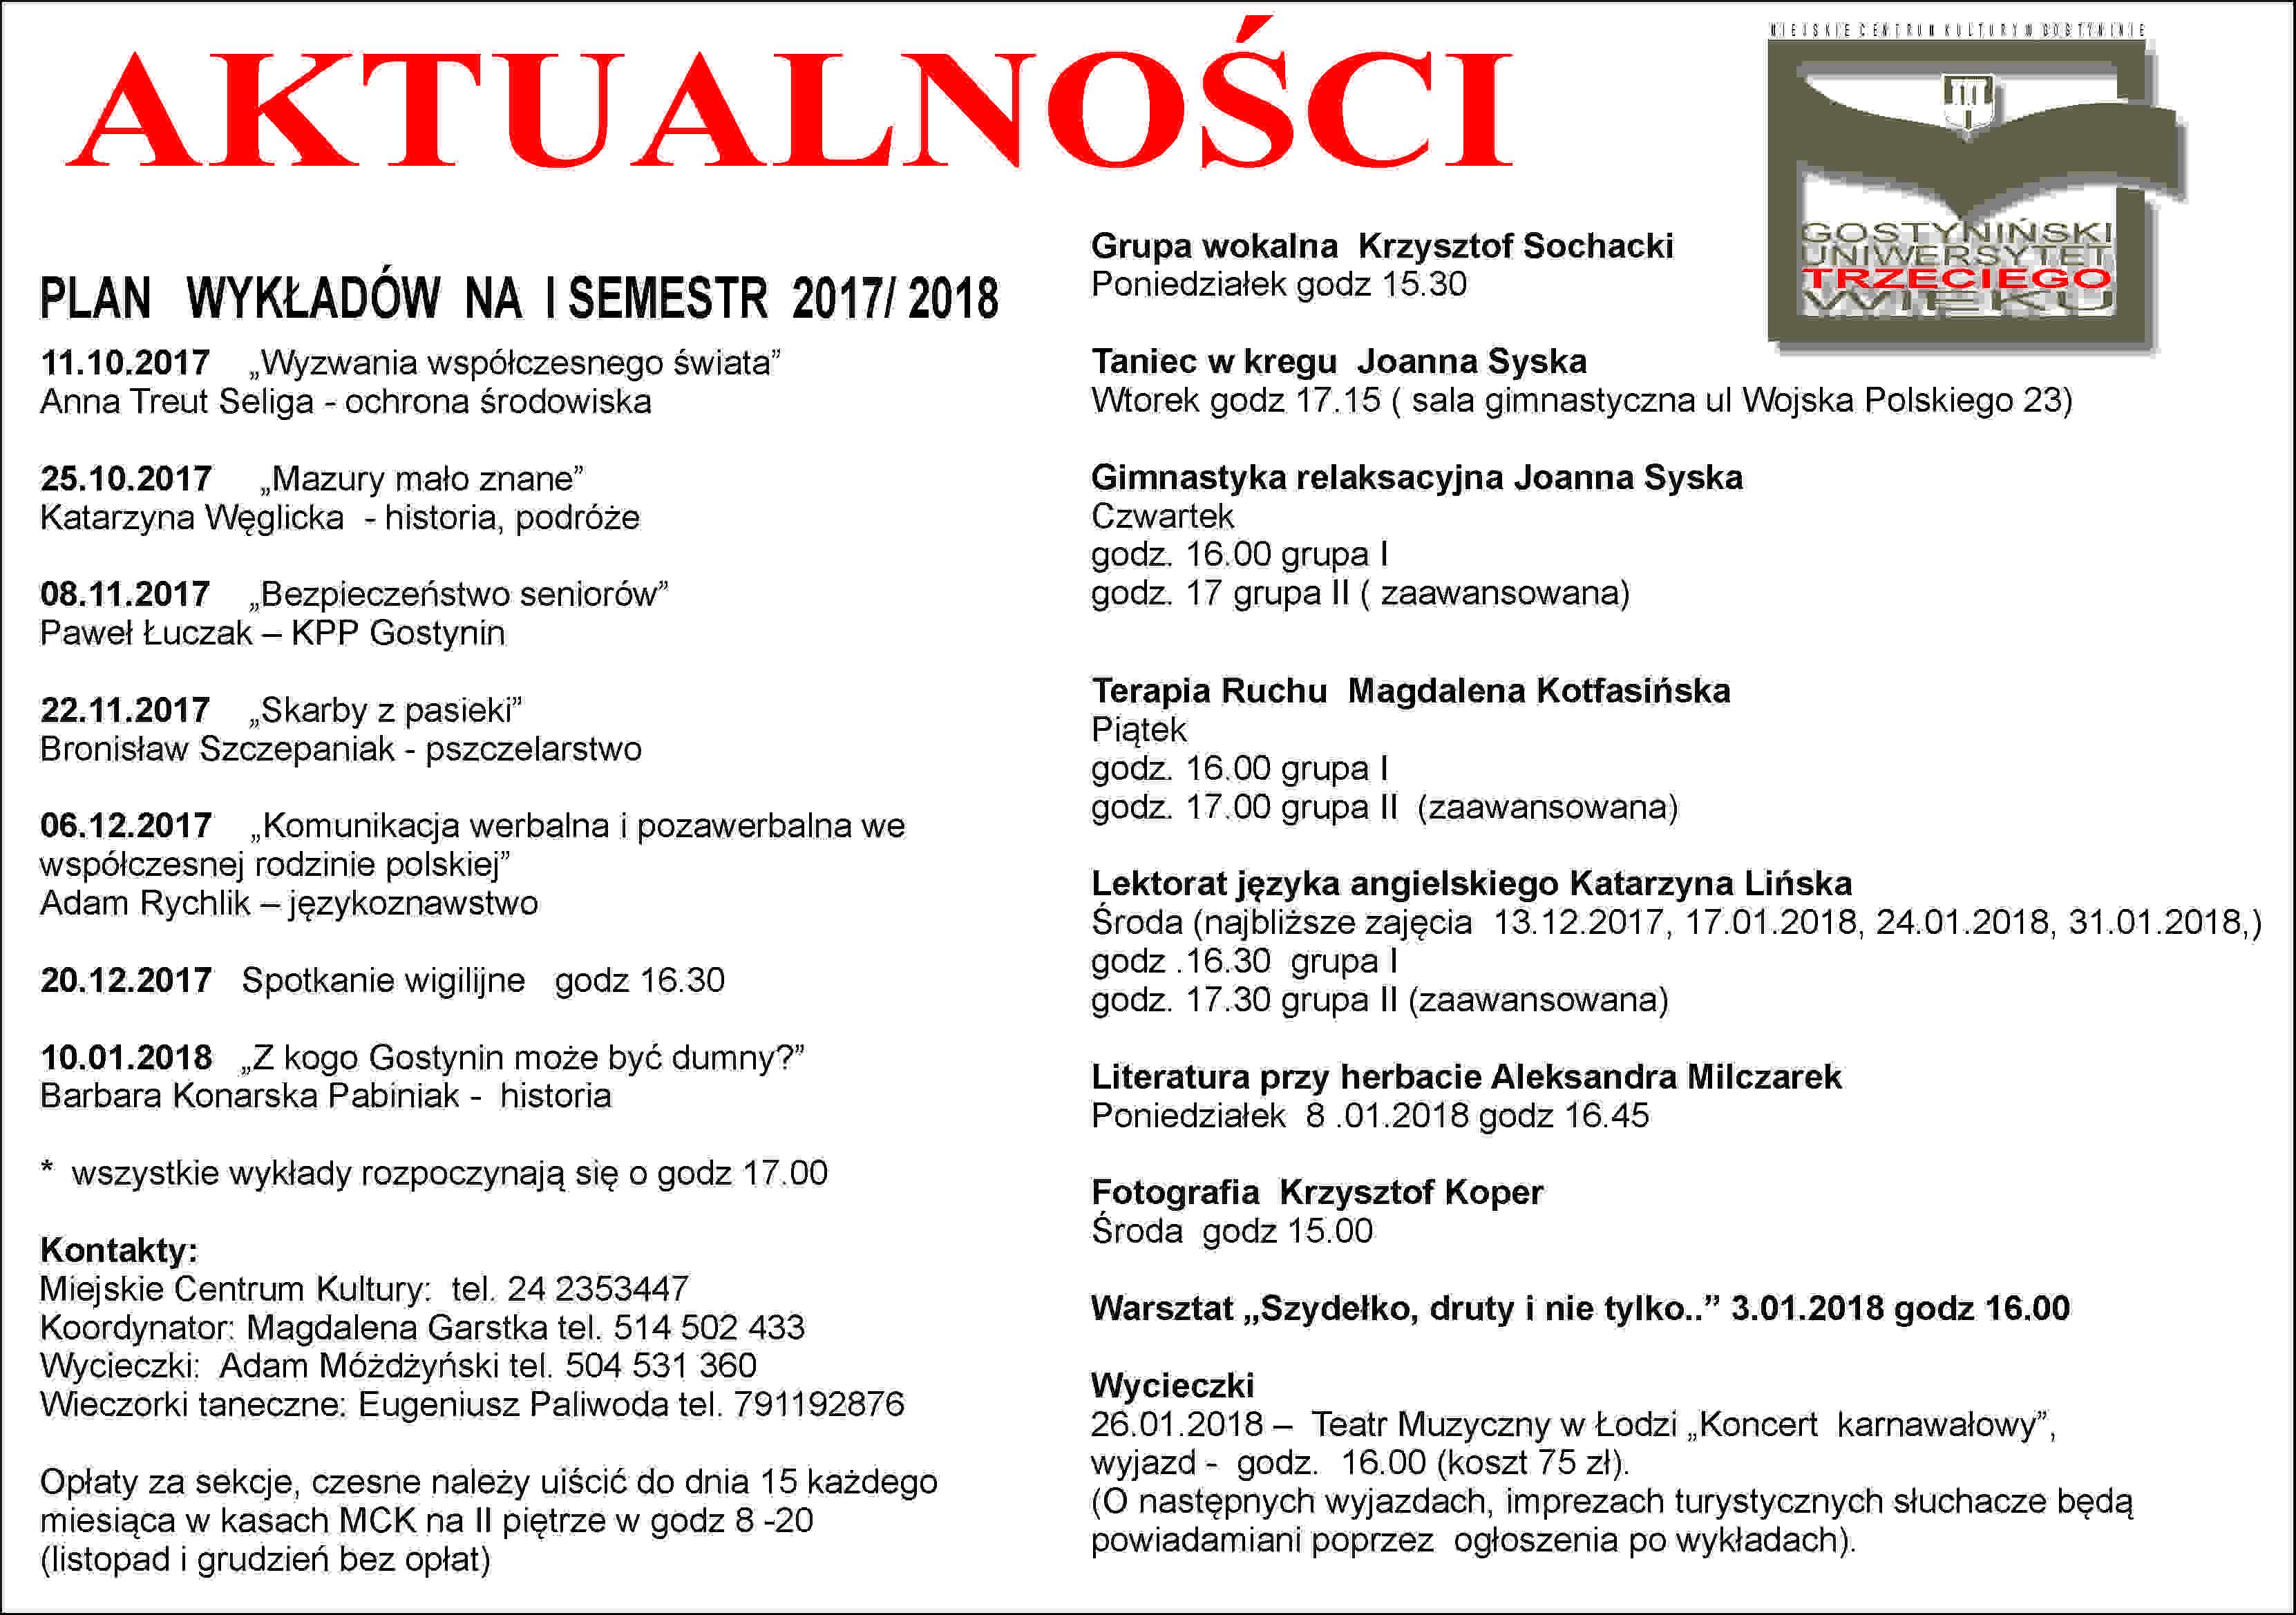 Plan wykładów na I semestr 2017/2018